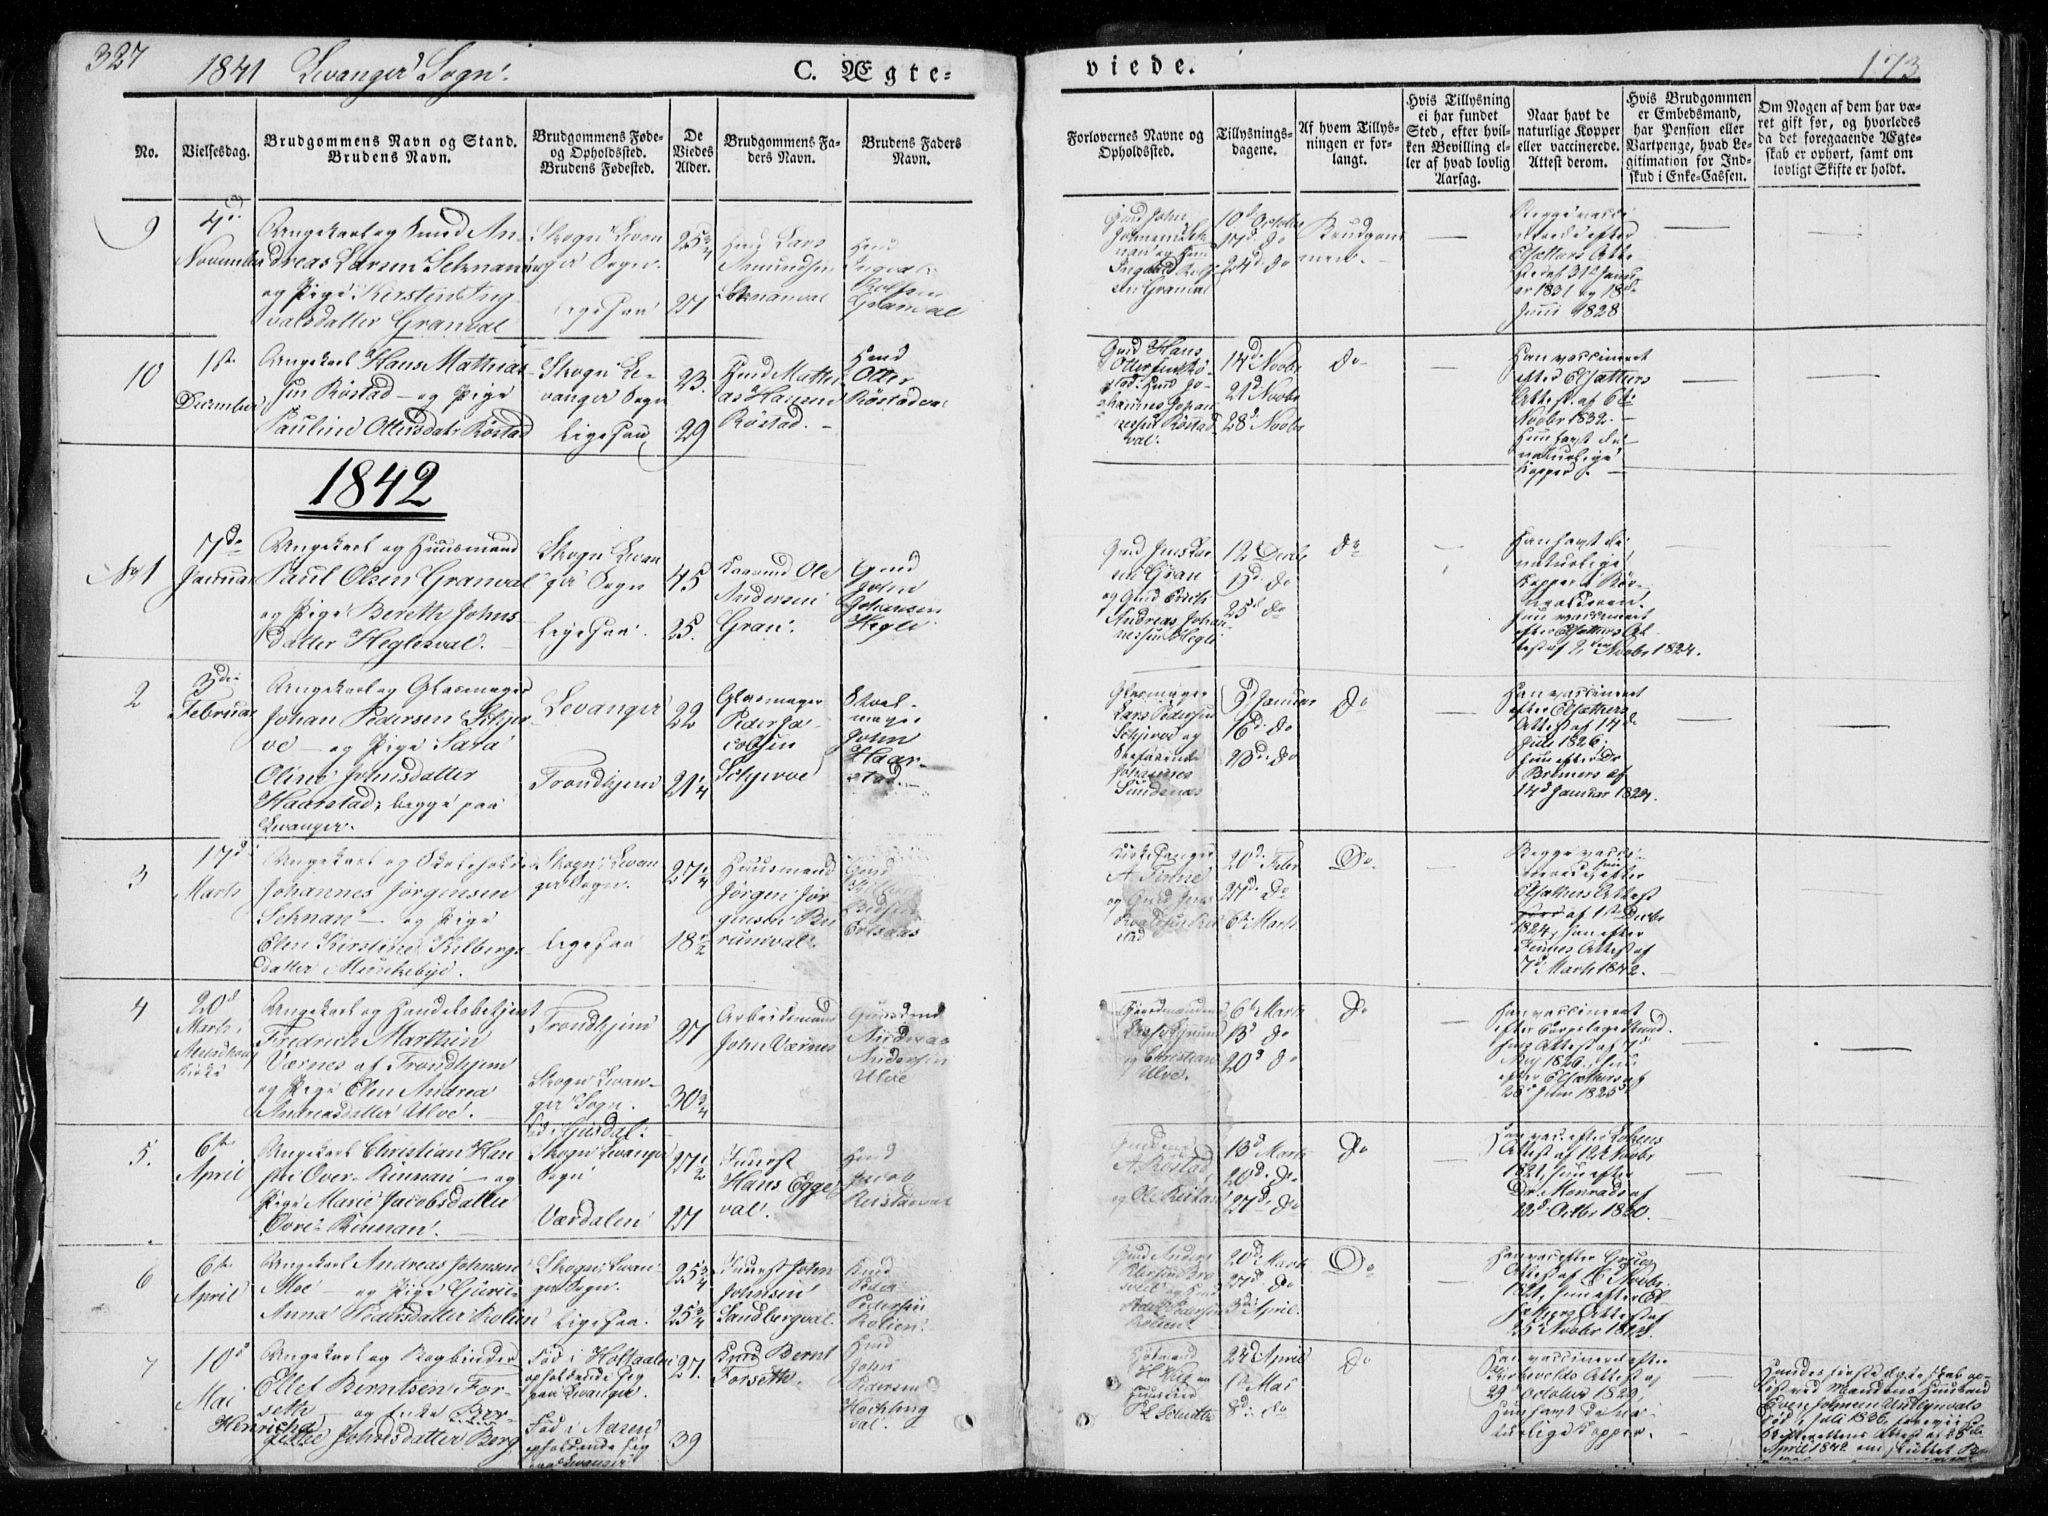 SAT, Ministerialprotokoller, klokkerbøker og fødselsregistre - Nord-Trøndelag, 720/L0183: Ministerialbok nr. 720A01, 1836-1855, s. 173